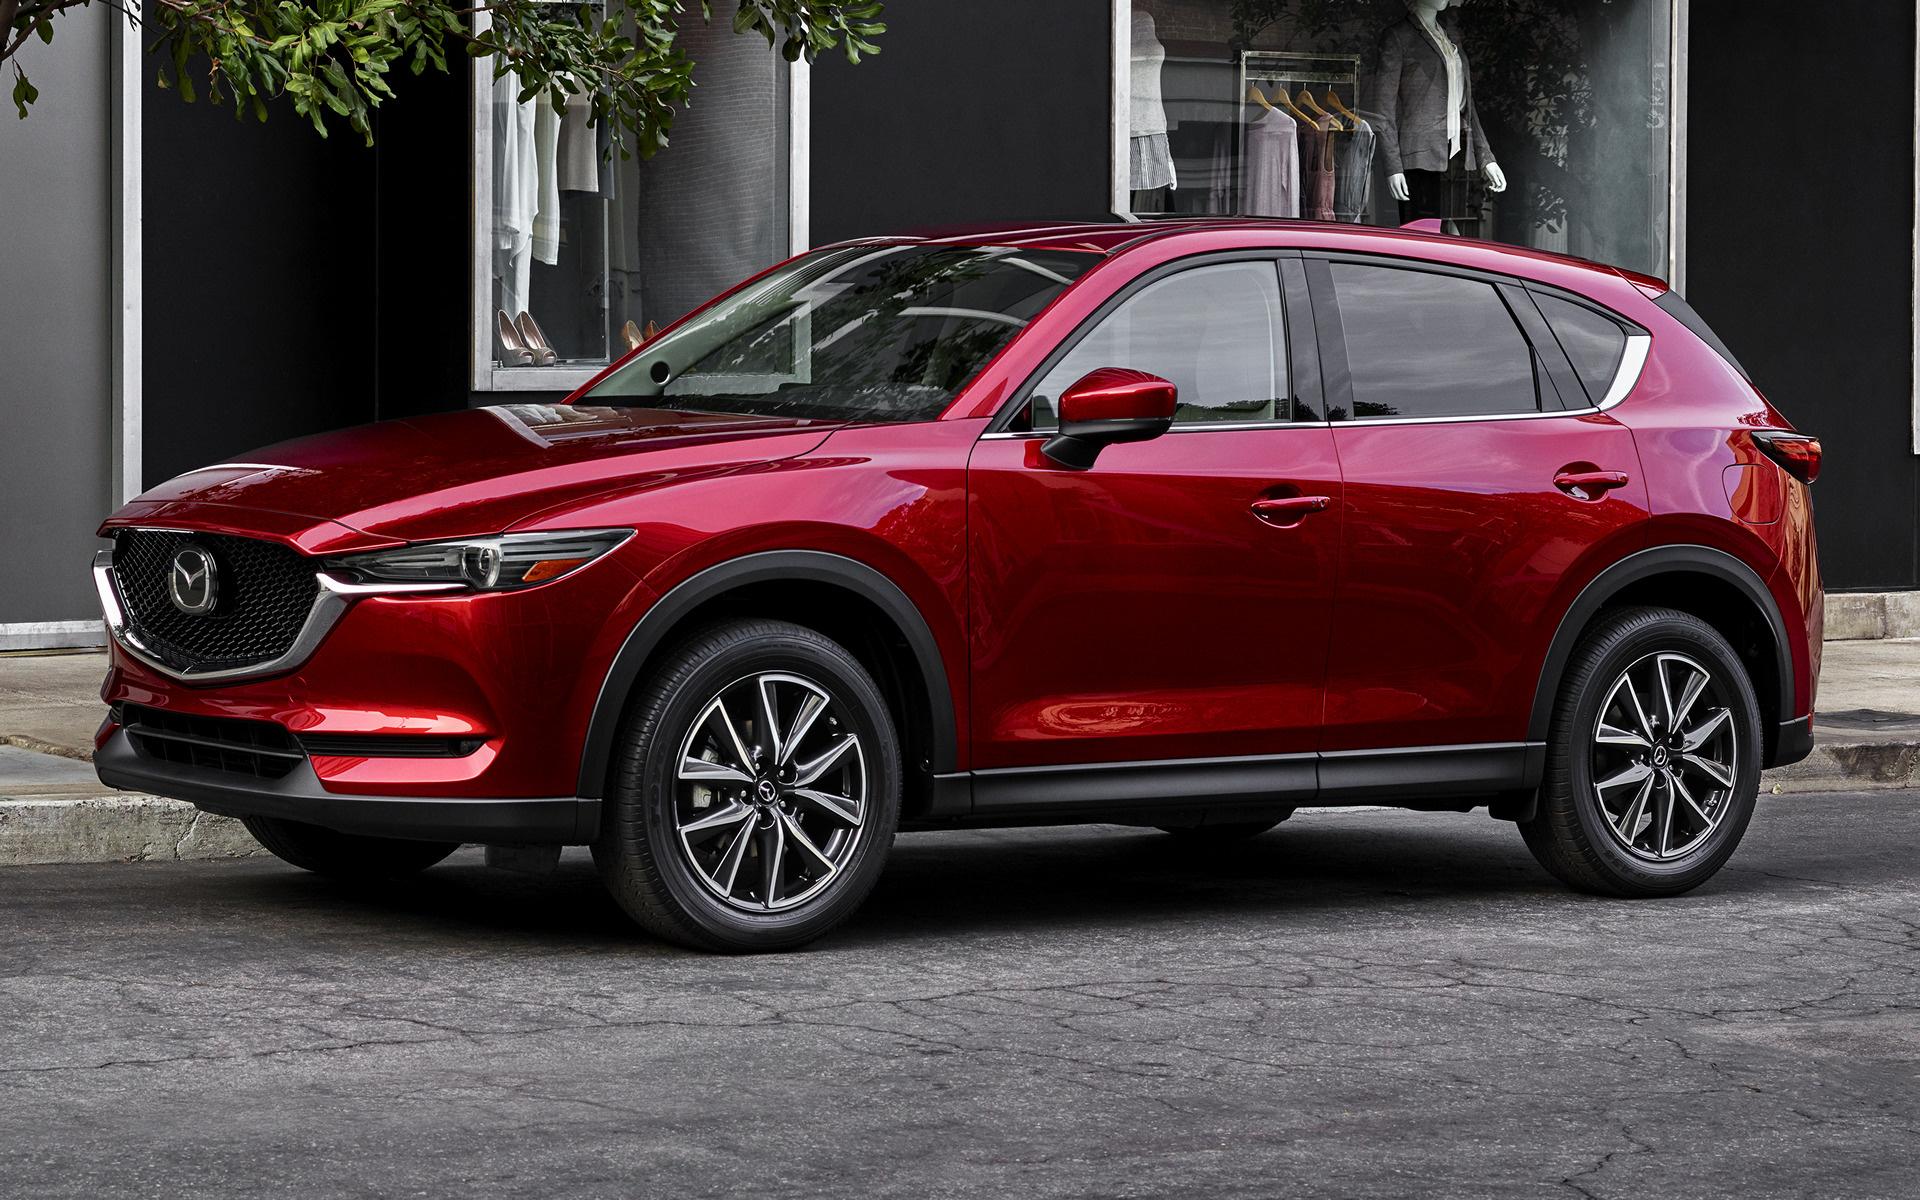 Mazda Cx 5 2019 Wallpaper - Mazda CX 5 2019